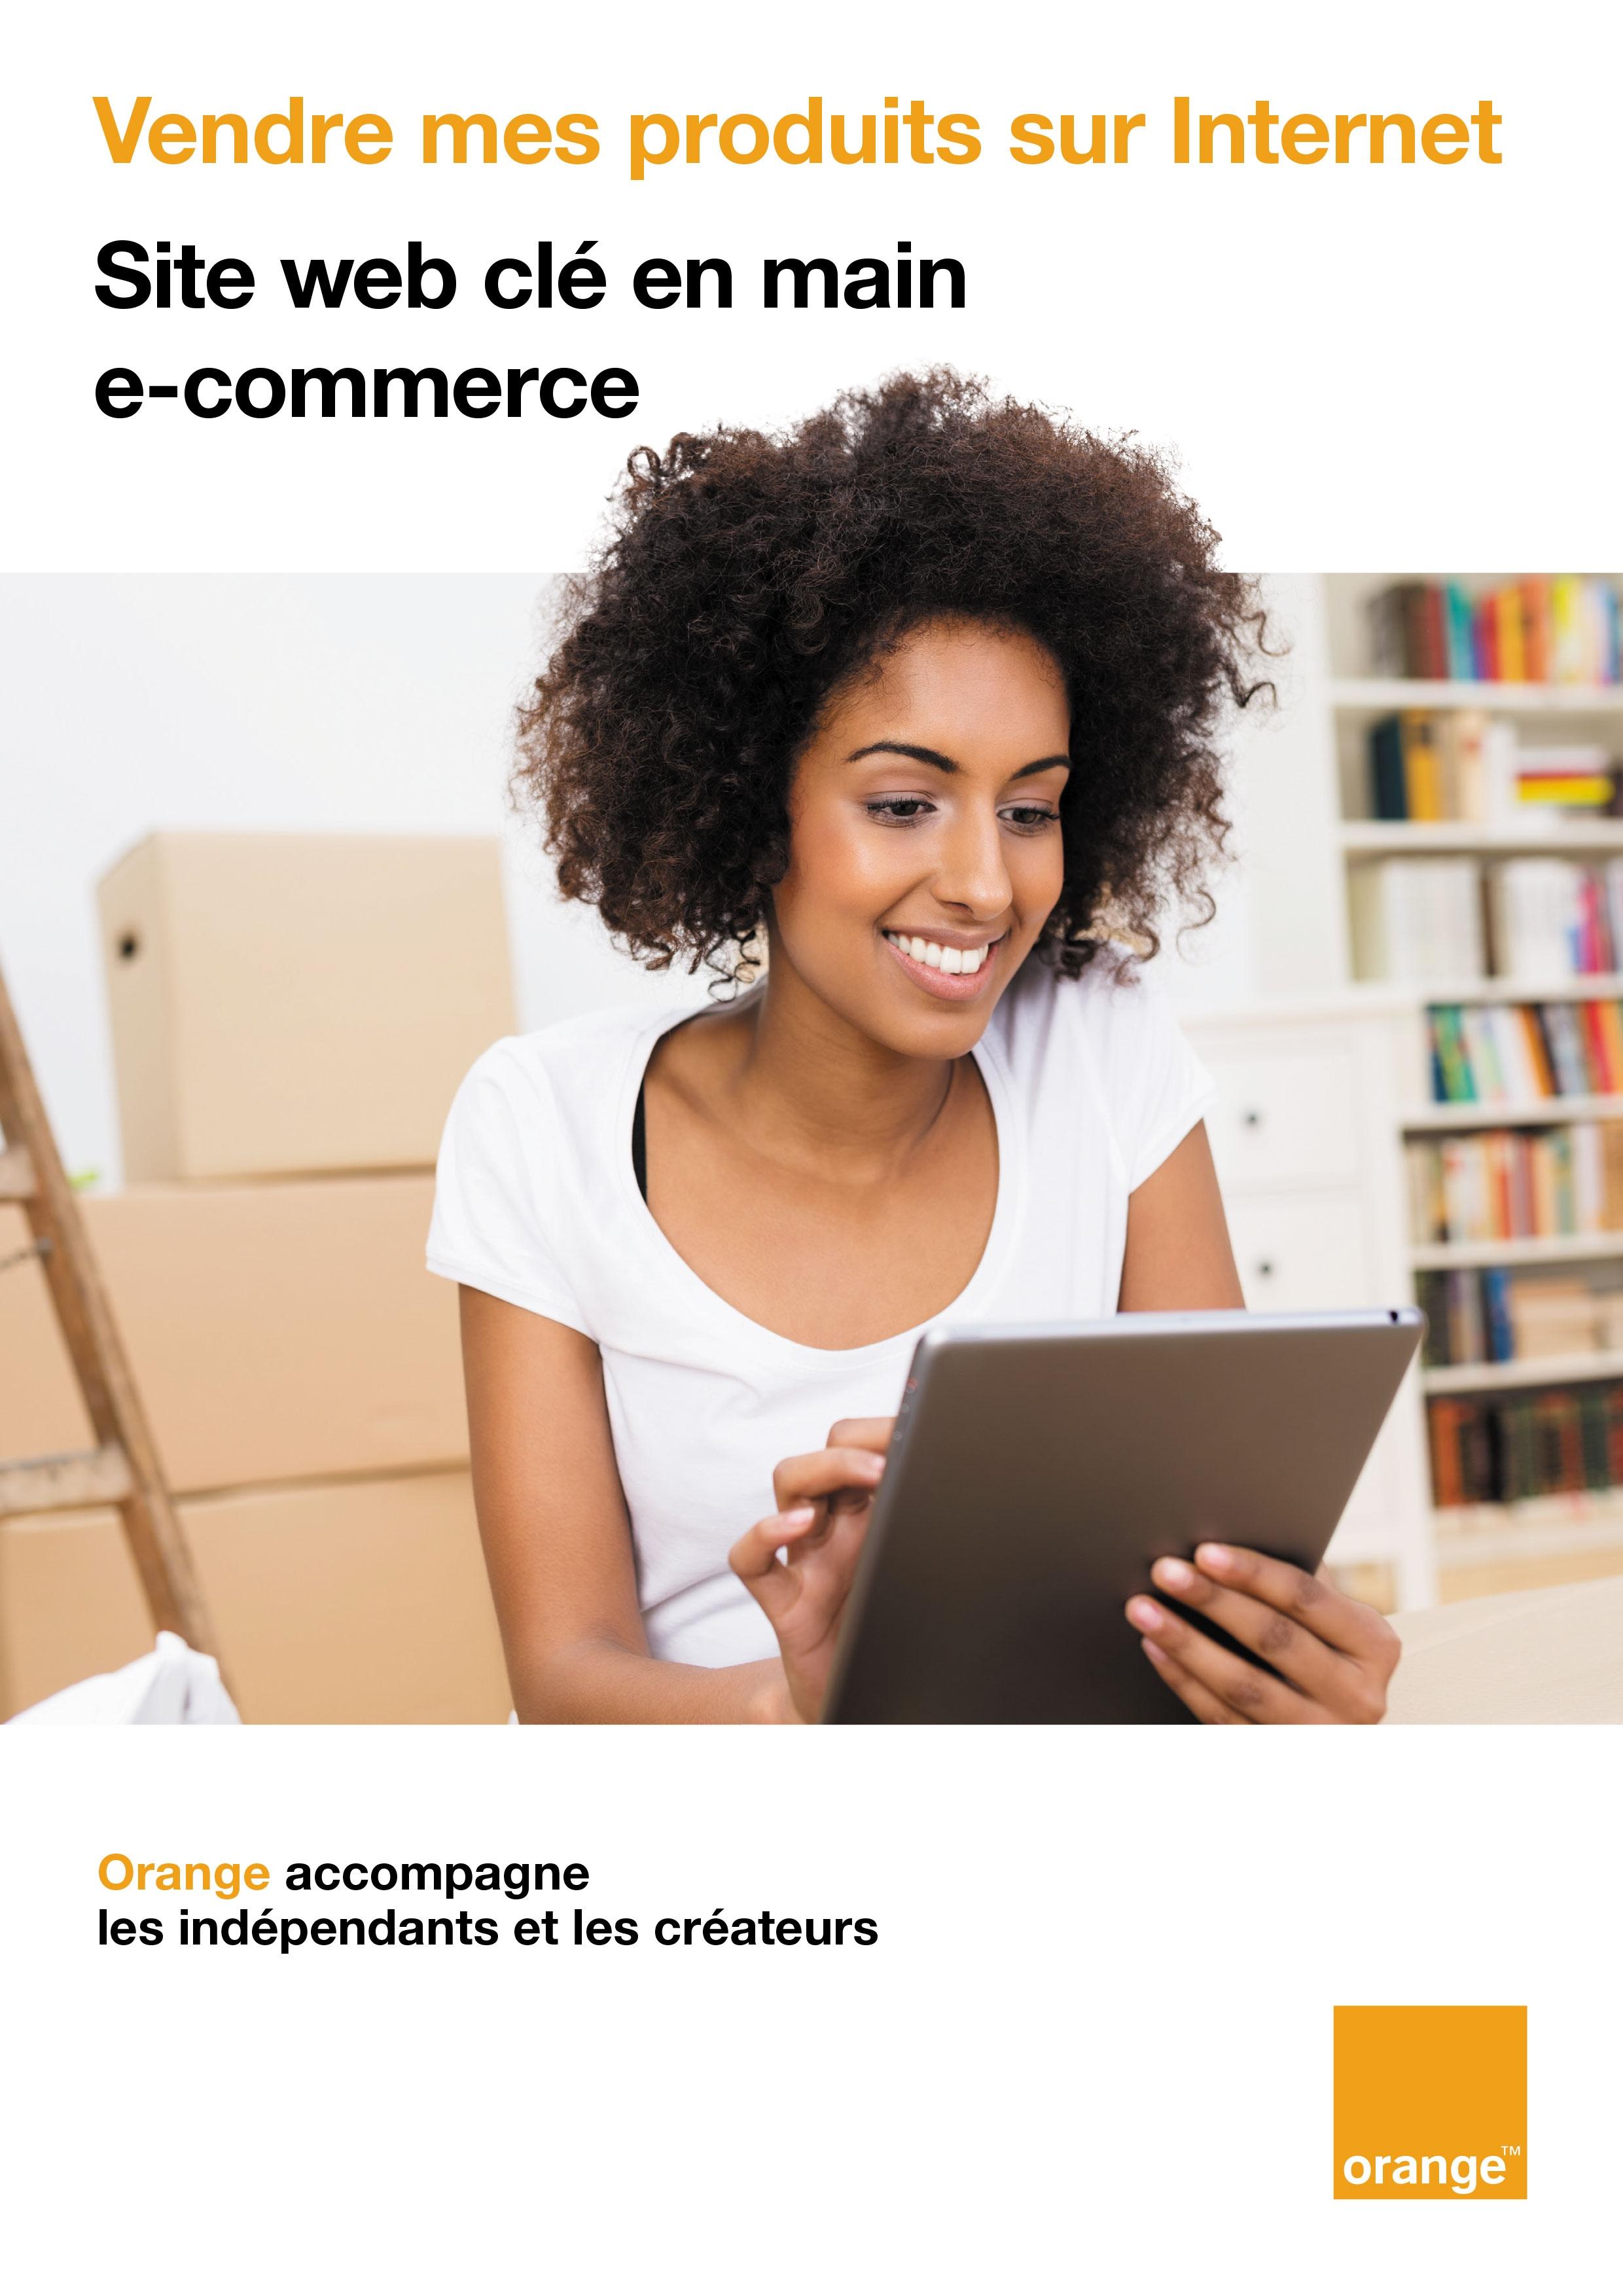 Site-web-Cleě-en-main-e-commerce_A4_0118-1.jpg